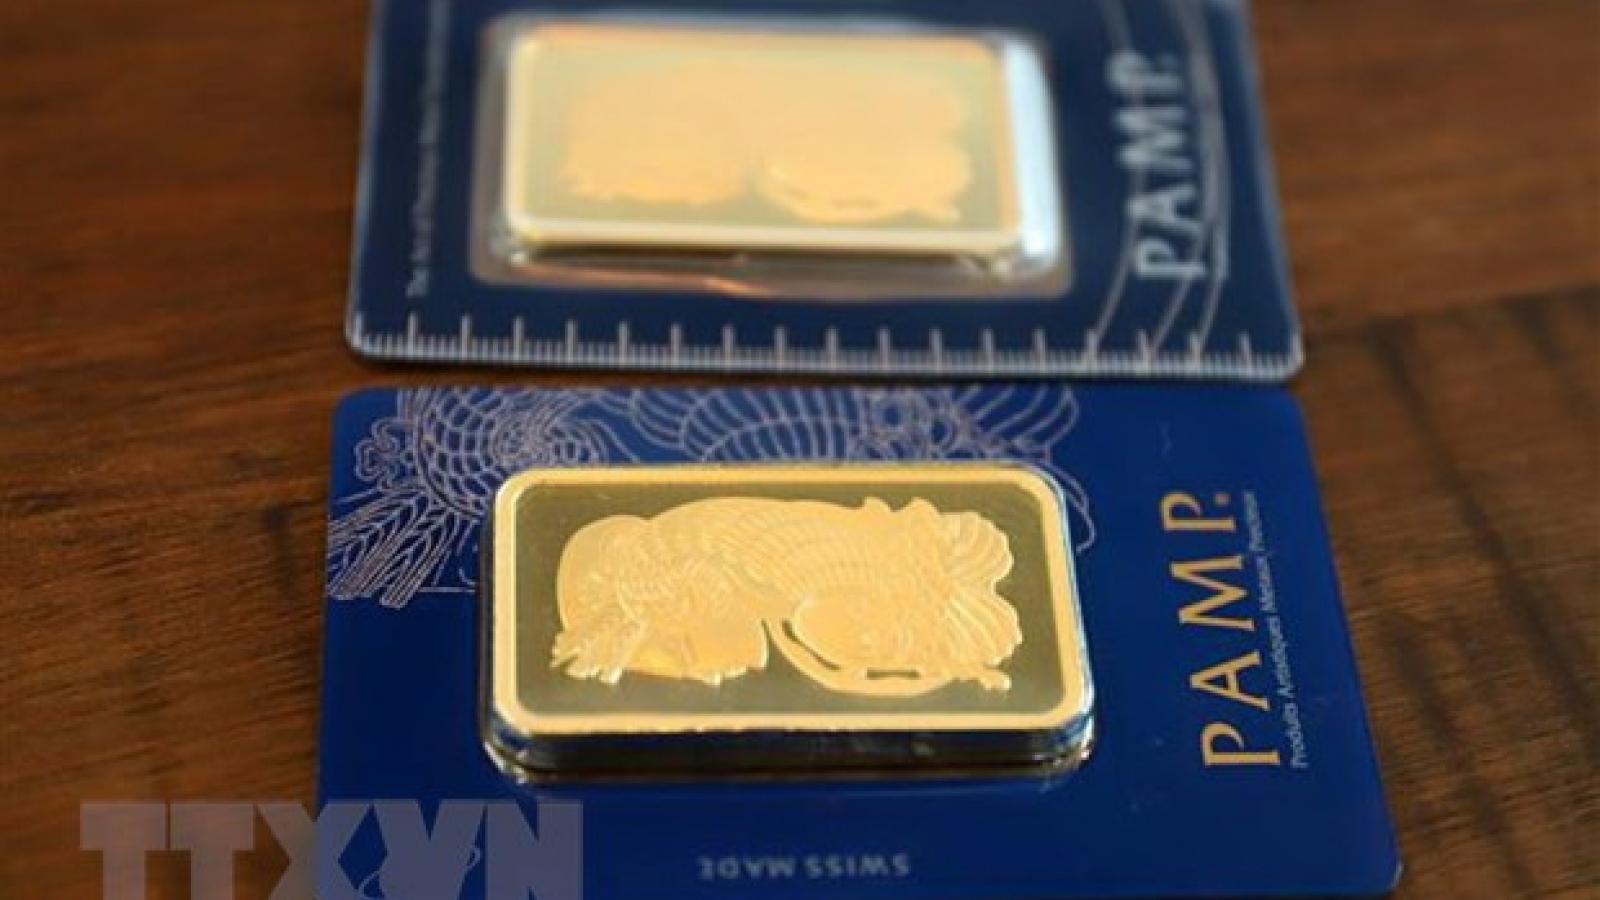 Nhu cầu vàng toàn cầu giảm trong 2020 do ảnh hưởng của Covid-19